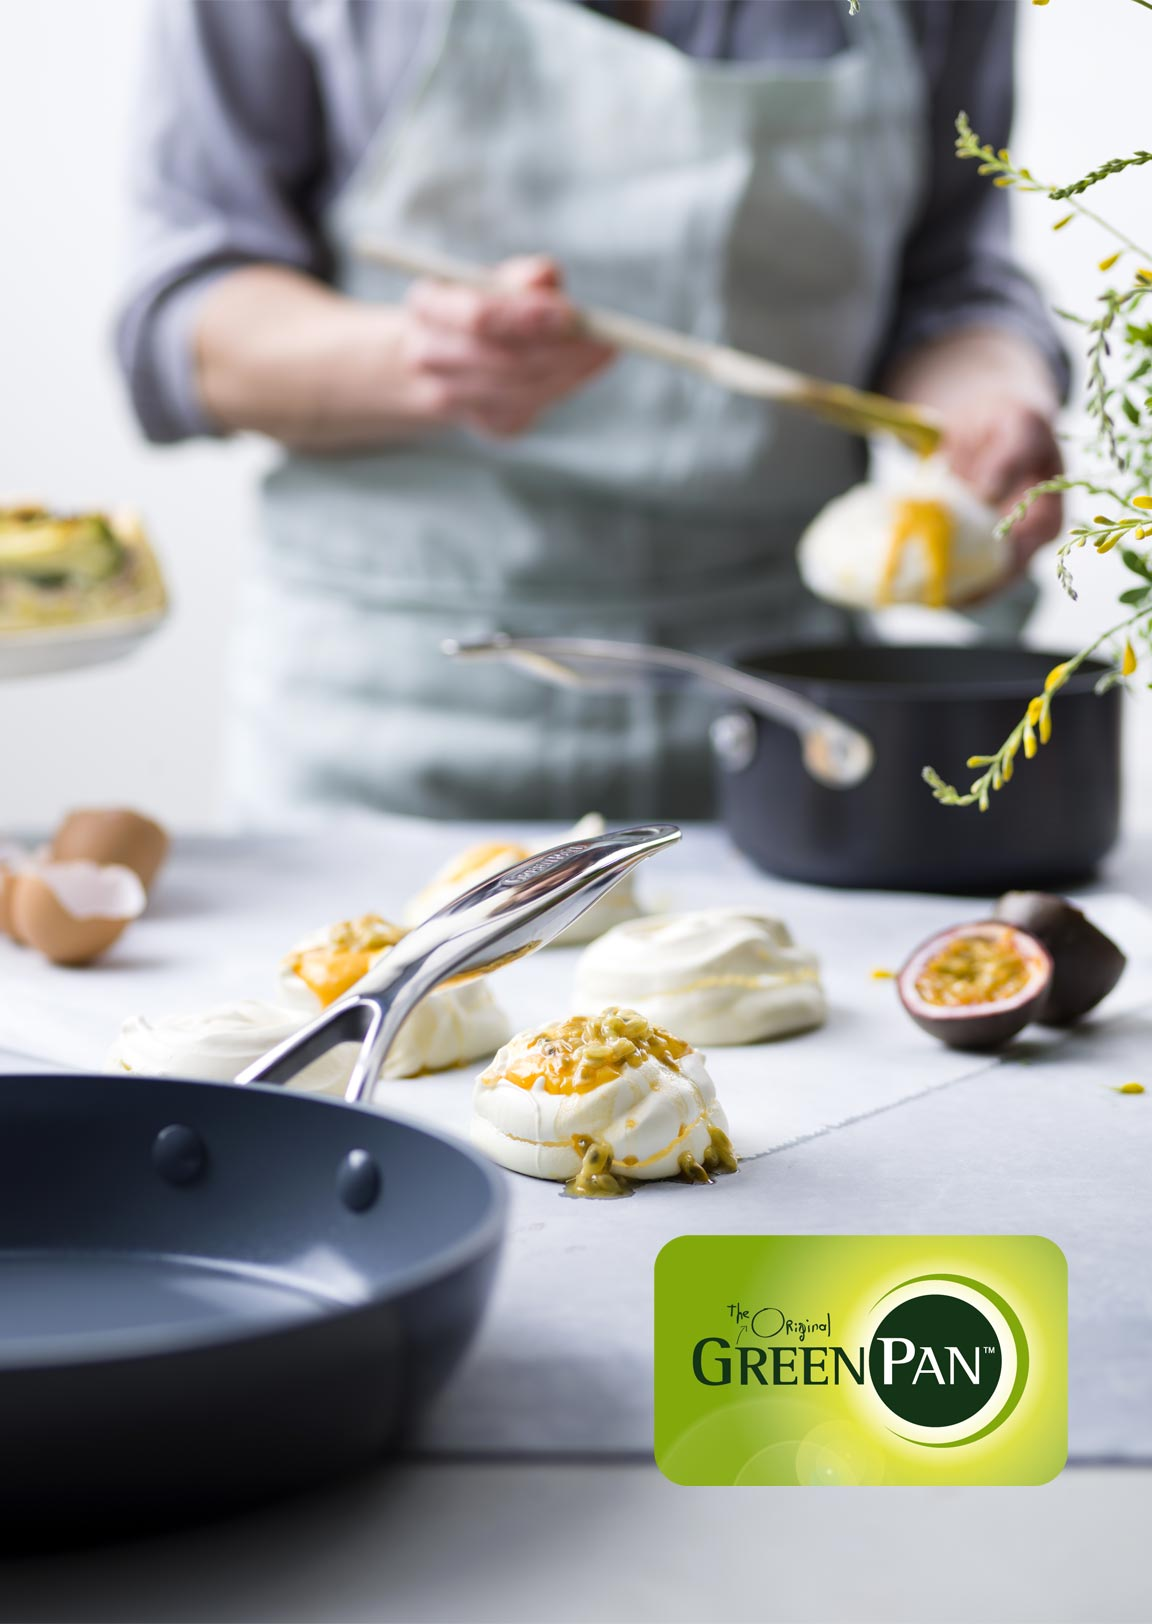 ベルギーのエコクックウェア グリーンパン greenpan